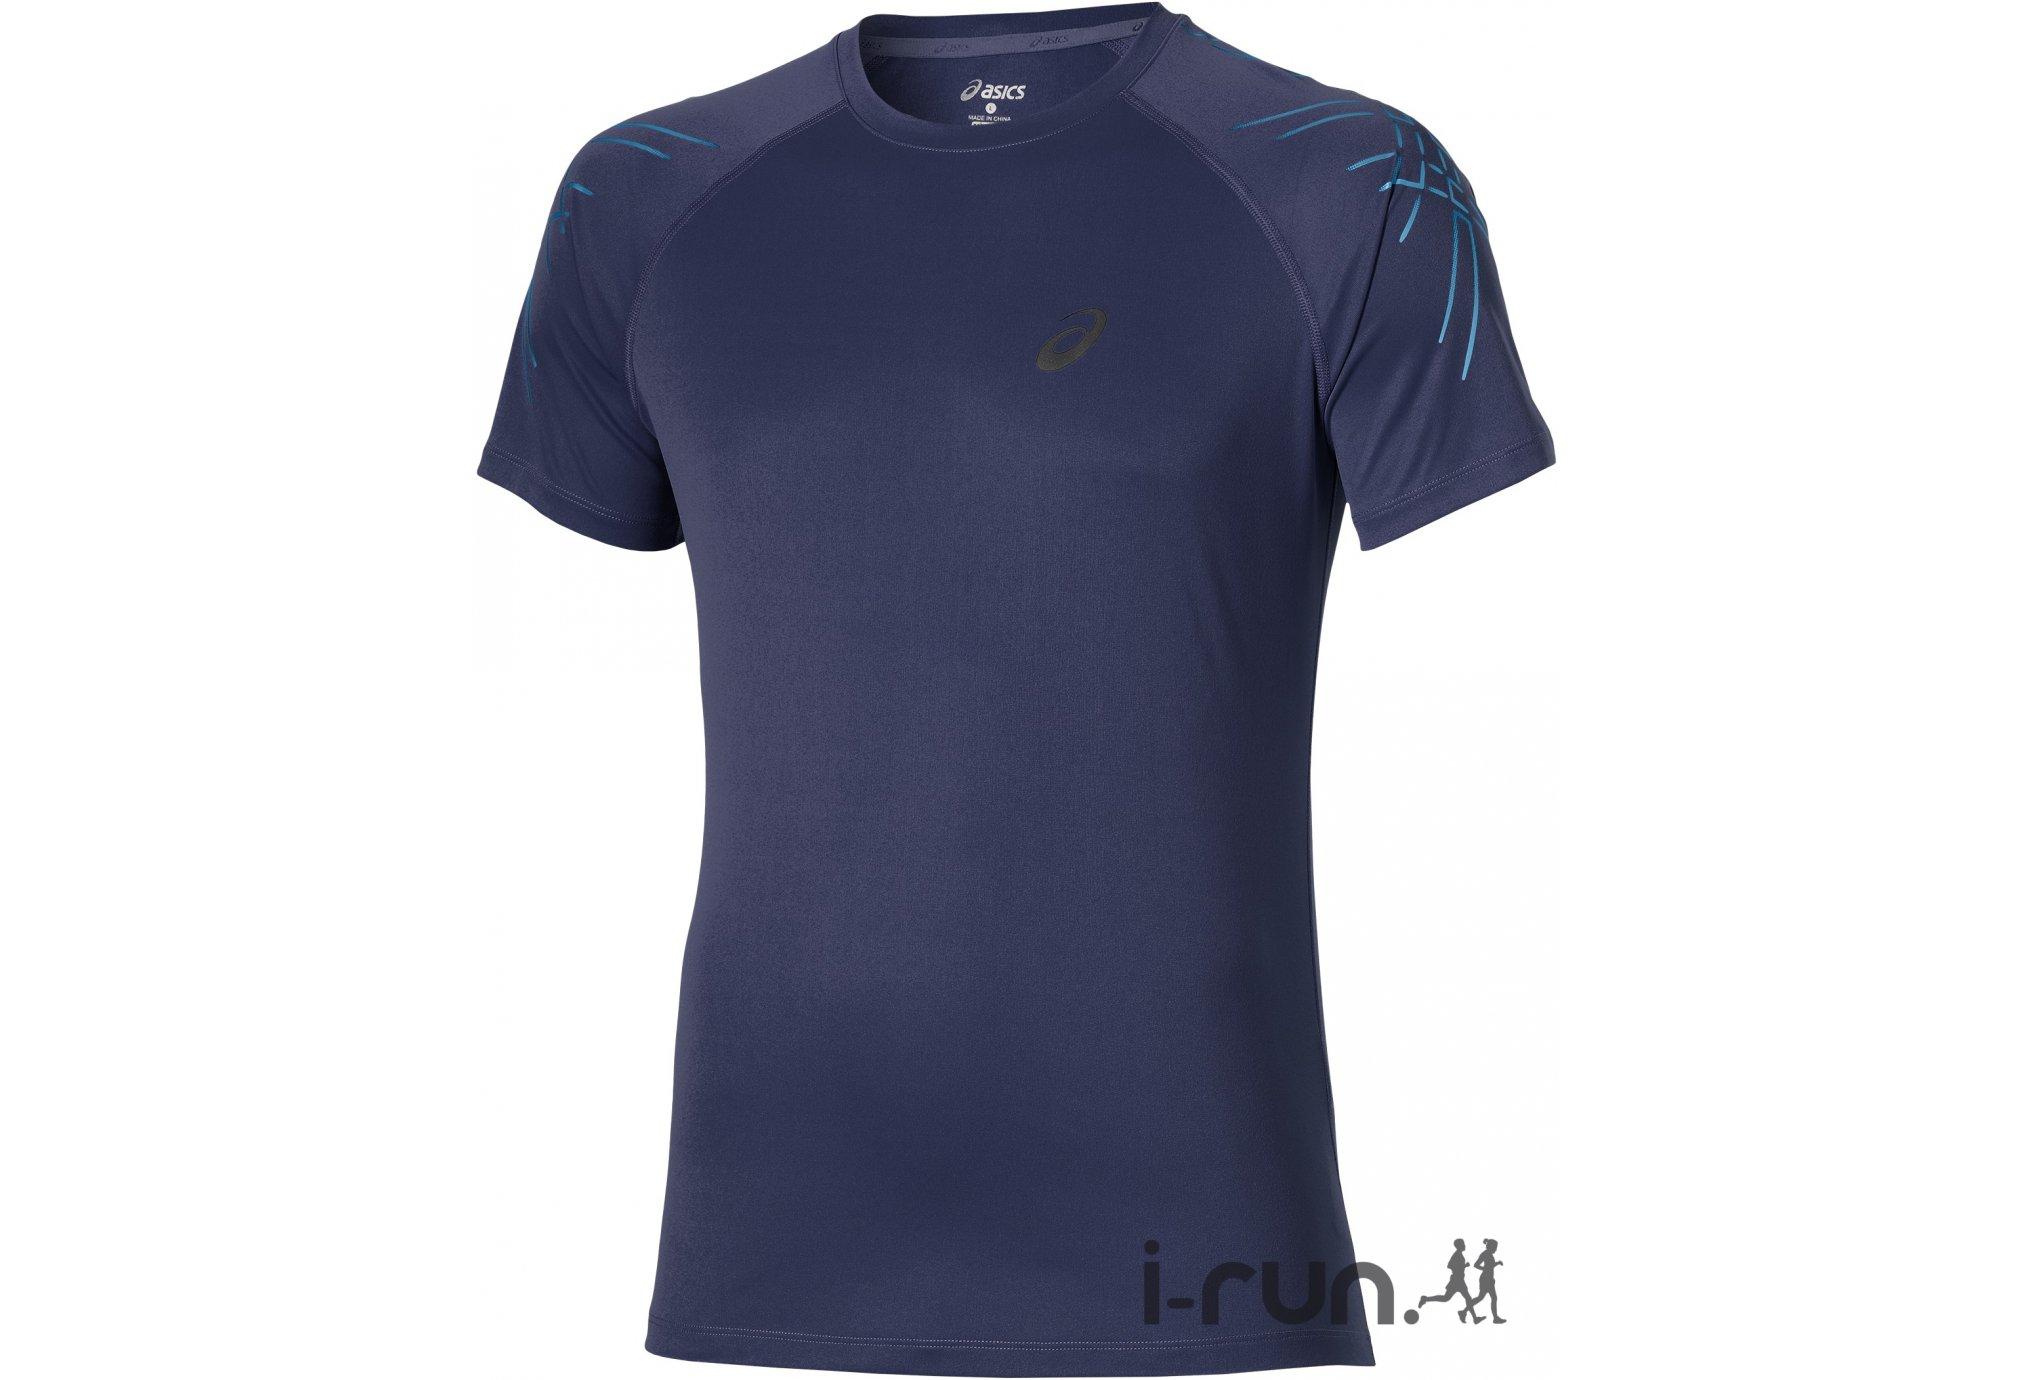 Asics Tee-shirt Stripe Top M vêtement running homme